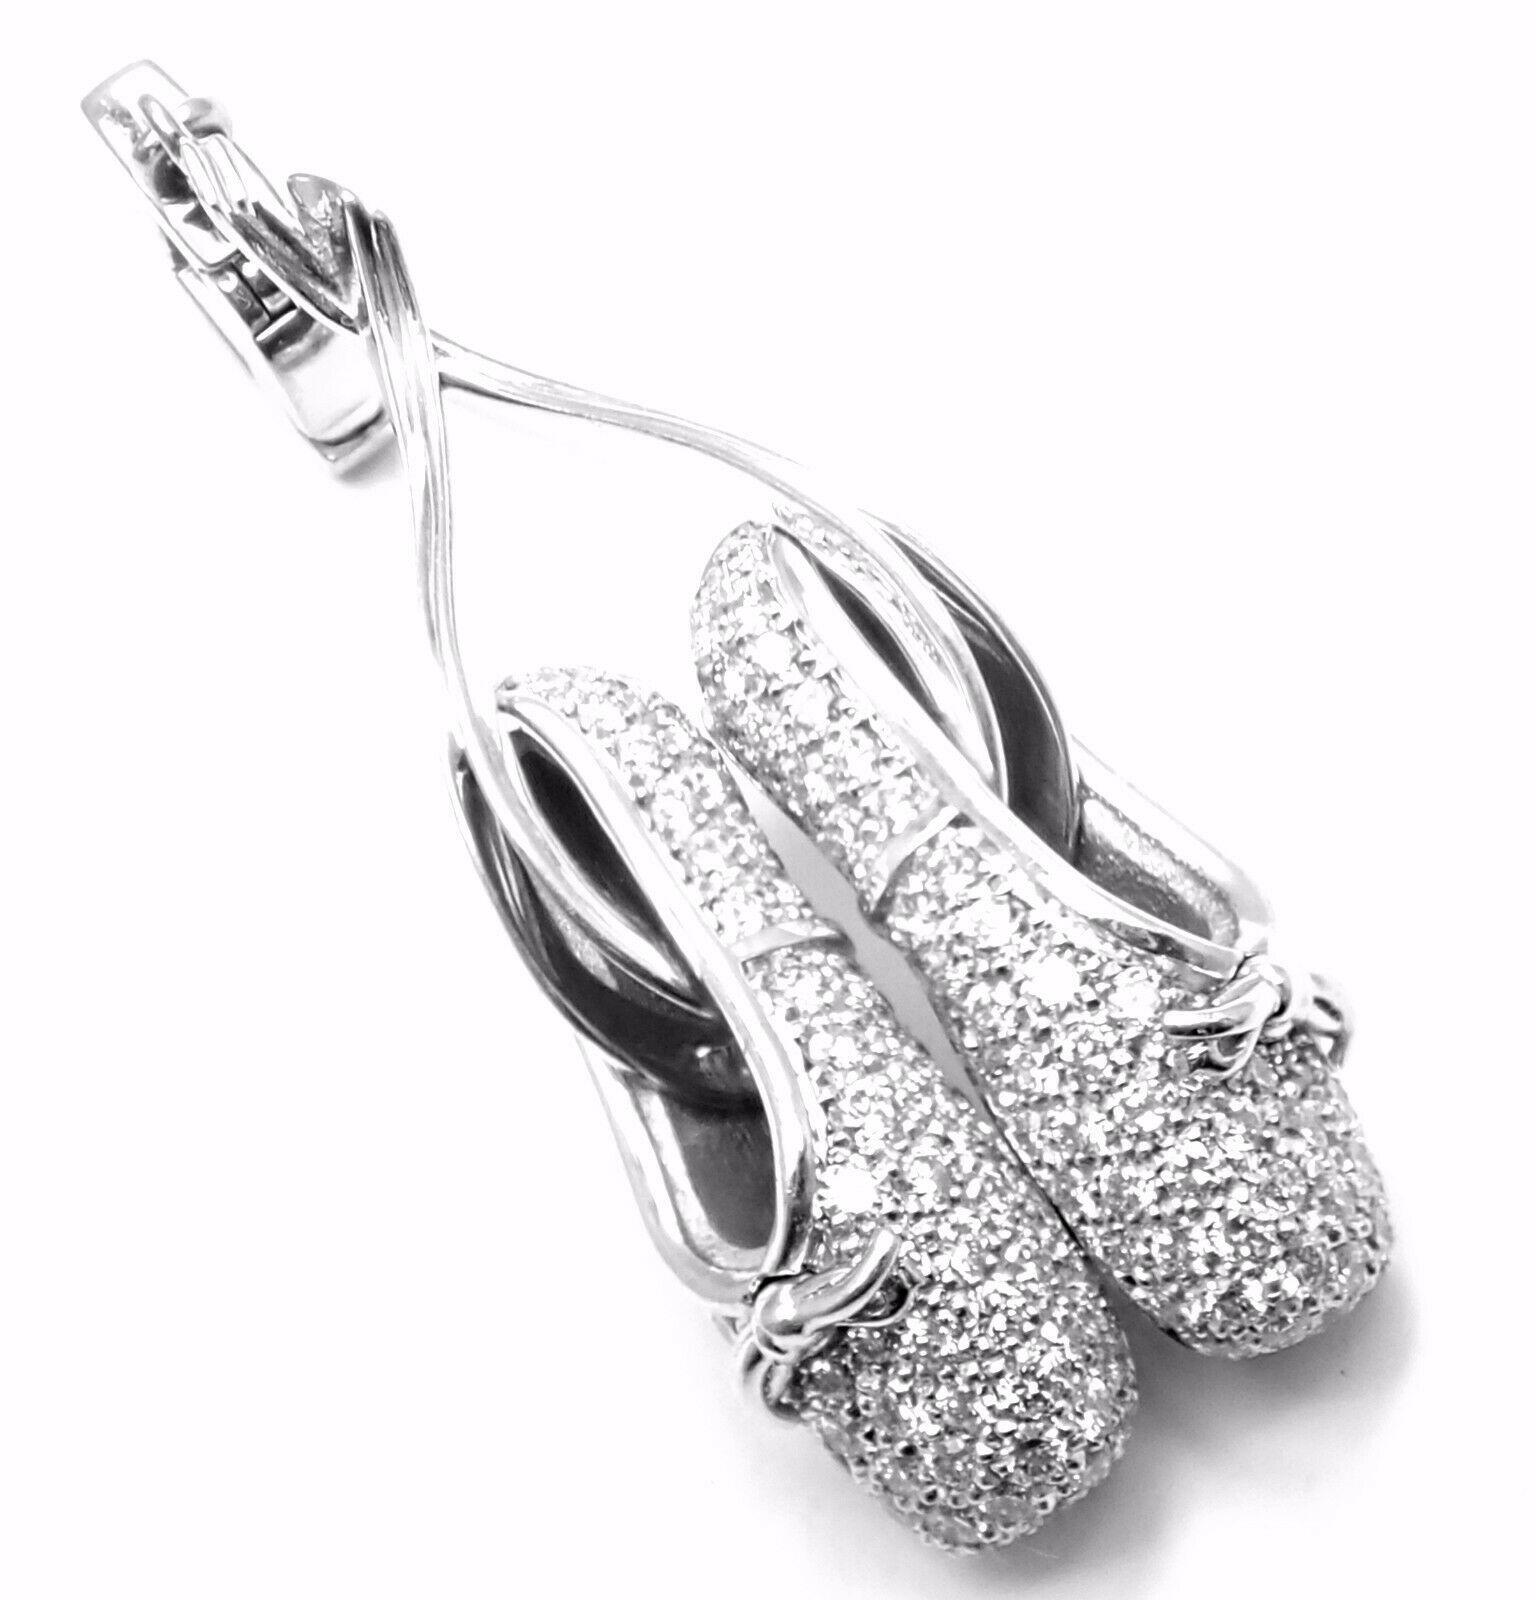 Rare! Authentic Louis Vuitton 18k White Gold Diamond Ballet Shoes Charm Pendant - $16,680.00